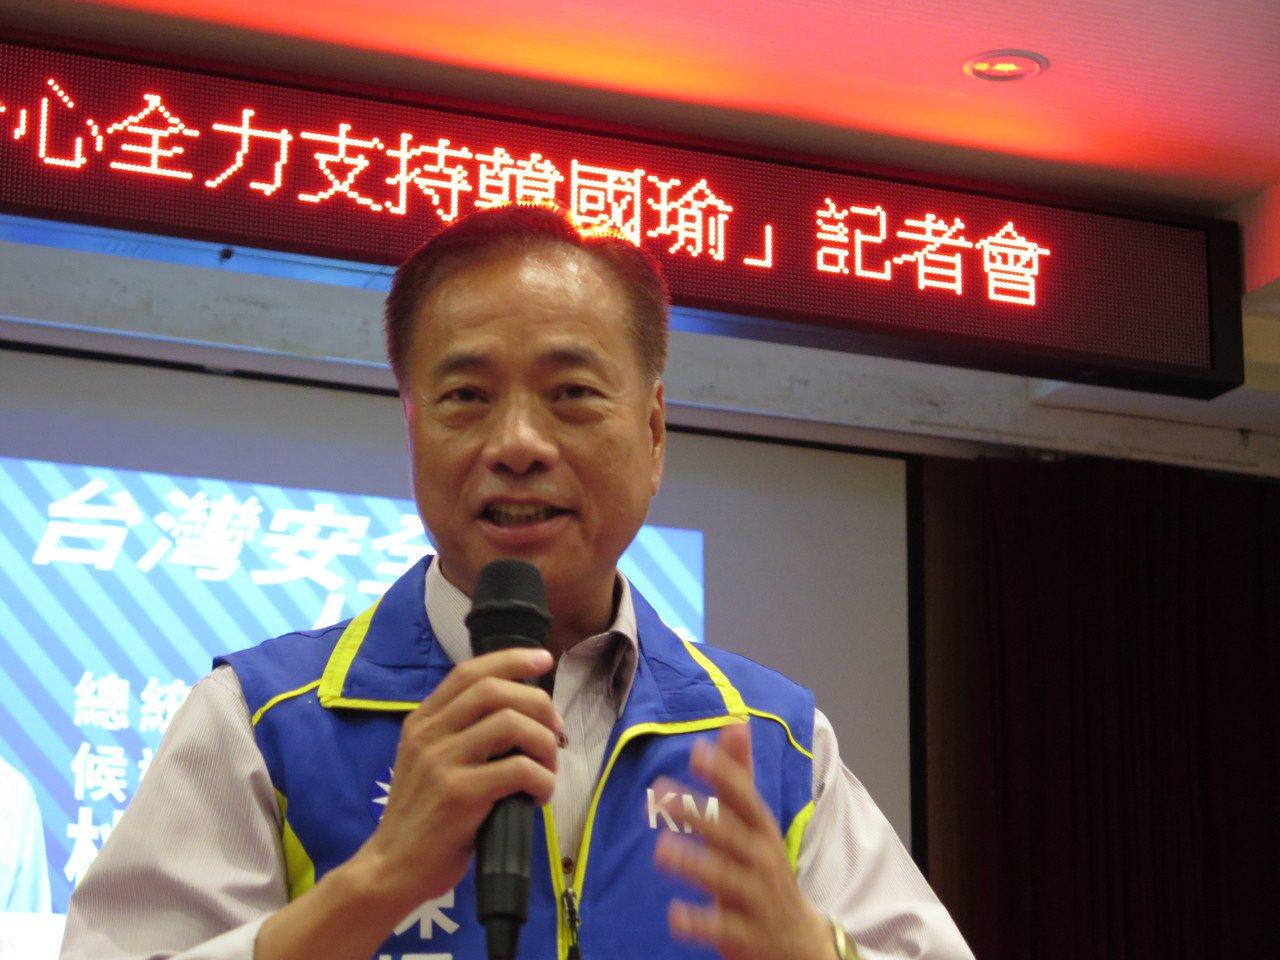 国民党在第一选区提名陈根德回锅参选,但詹江村有意参选,恐分裂蓝营。图/本报资料照